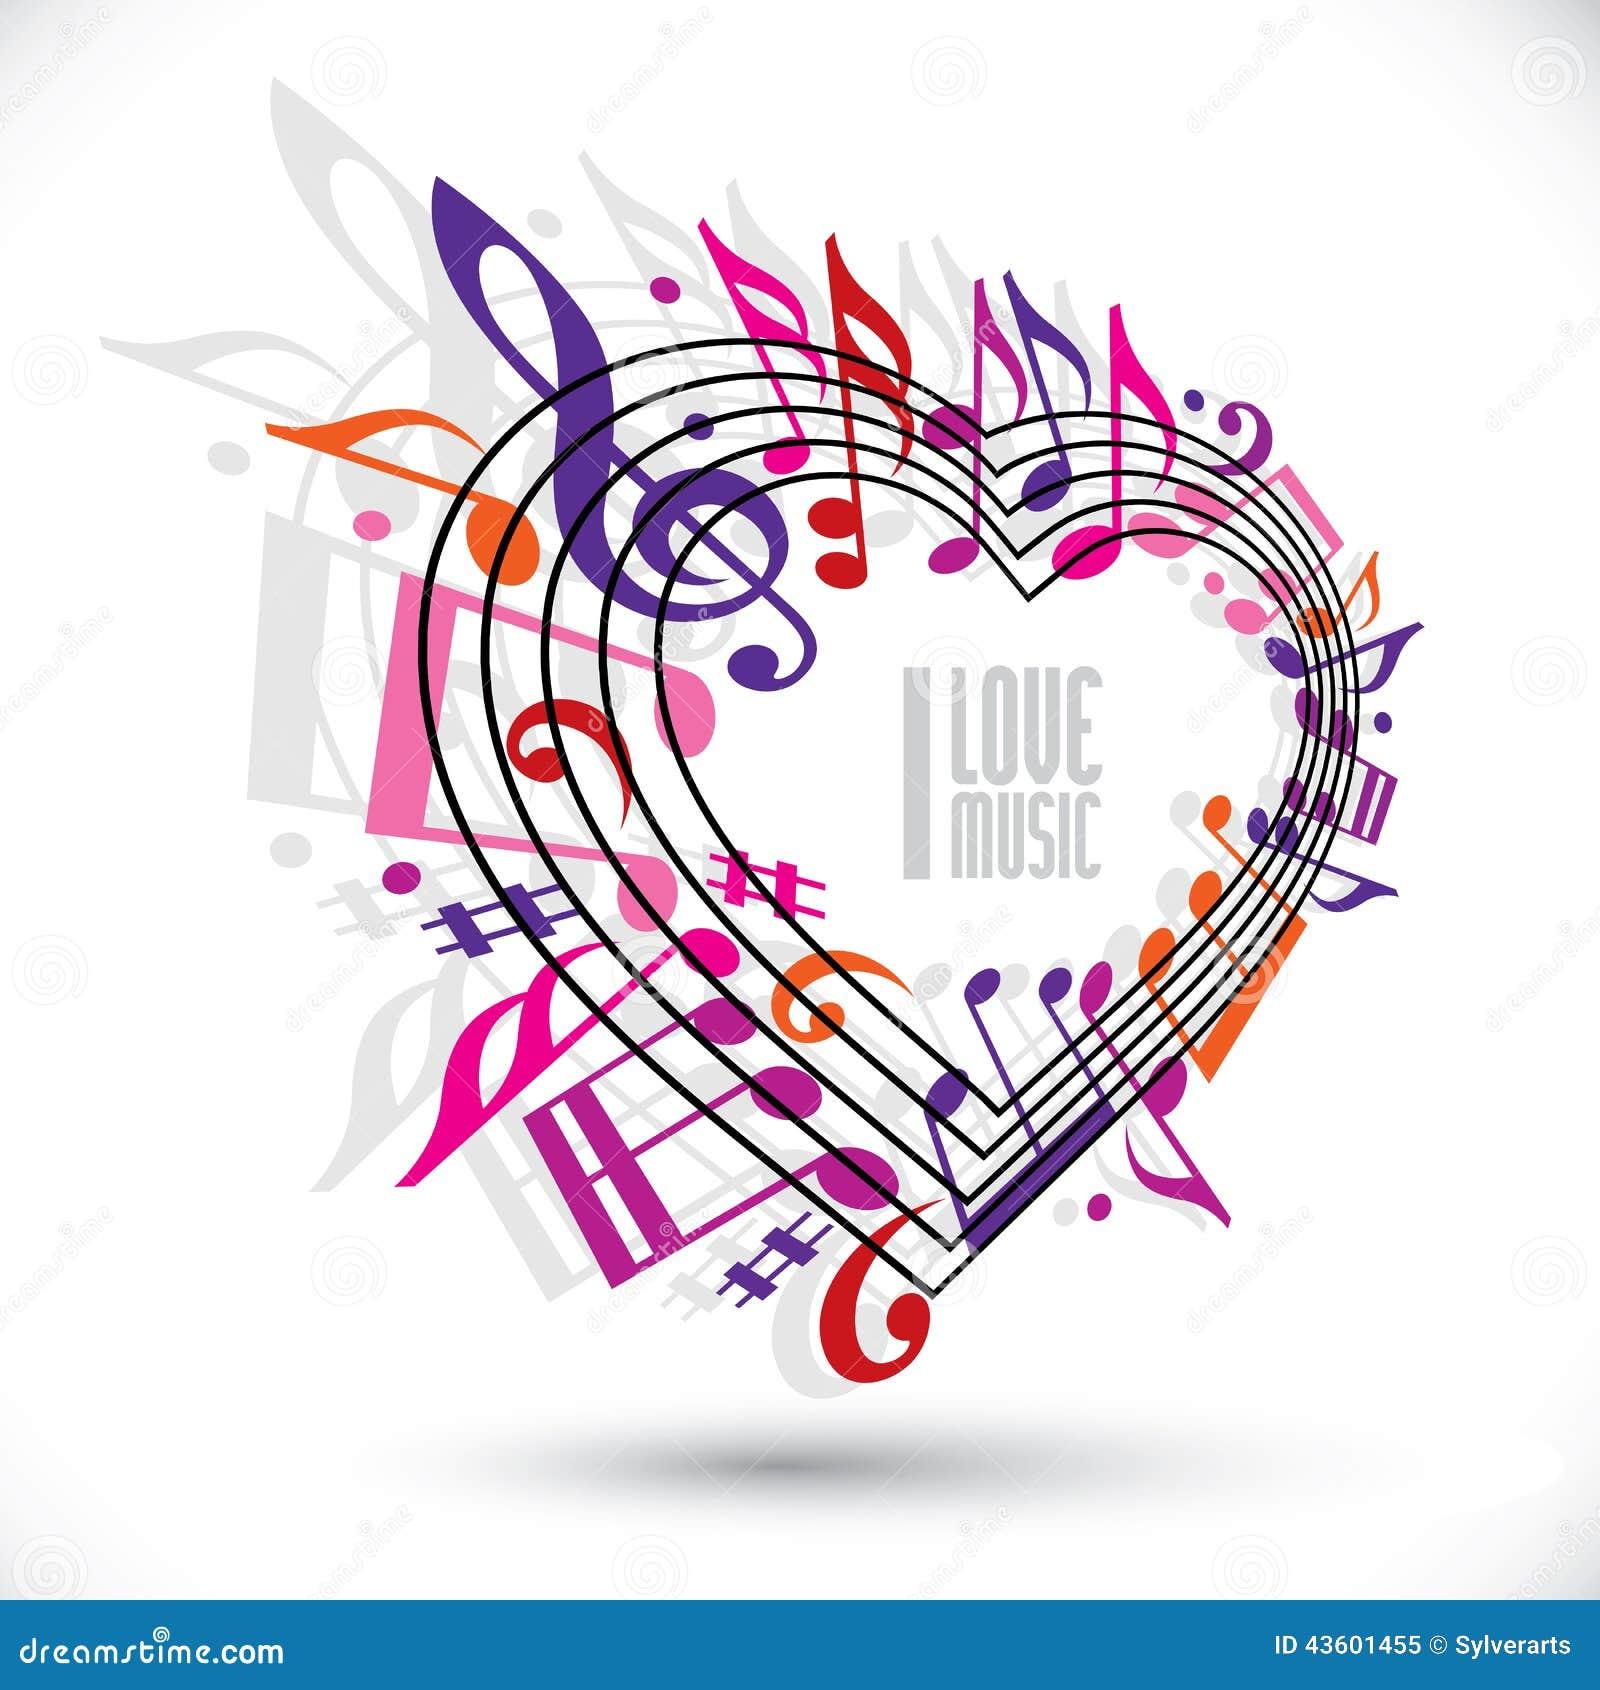 Wallpaper Music Notes 3d